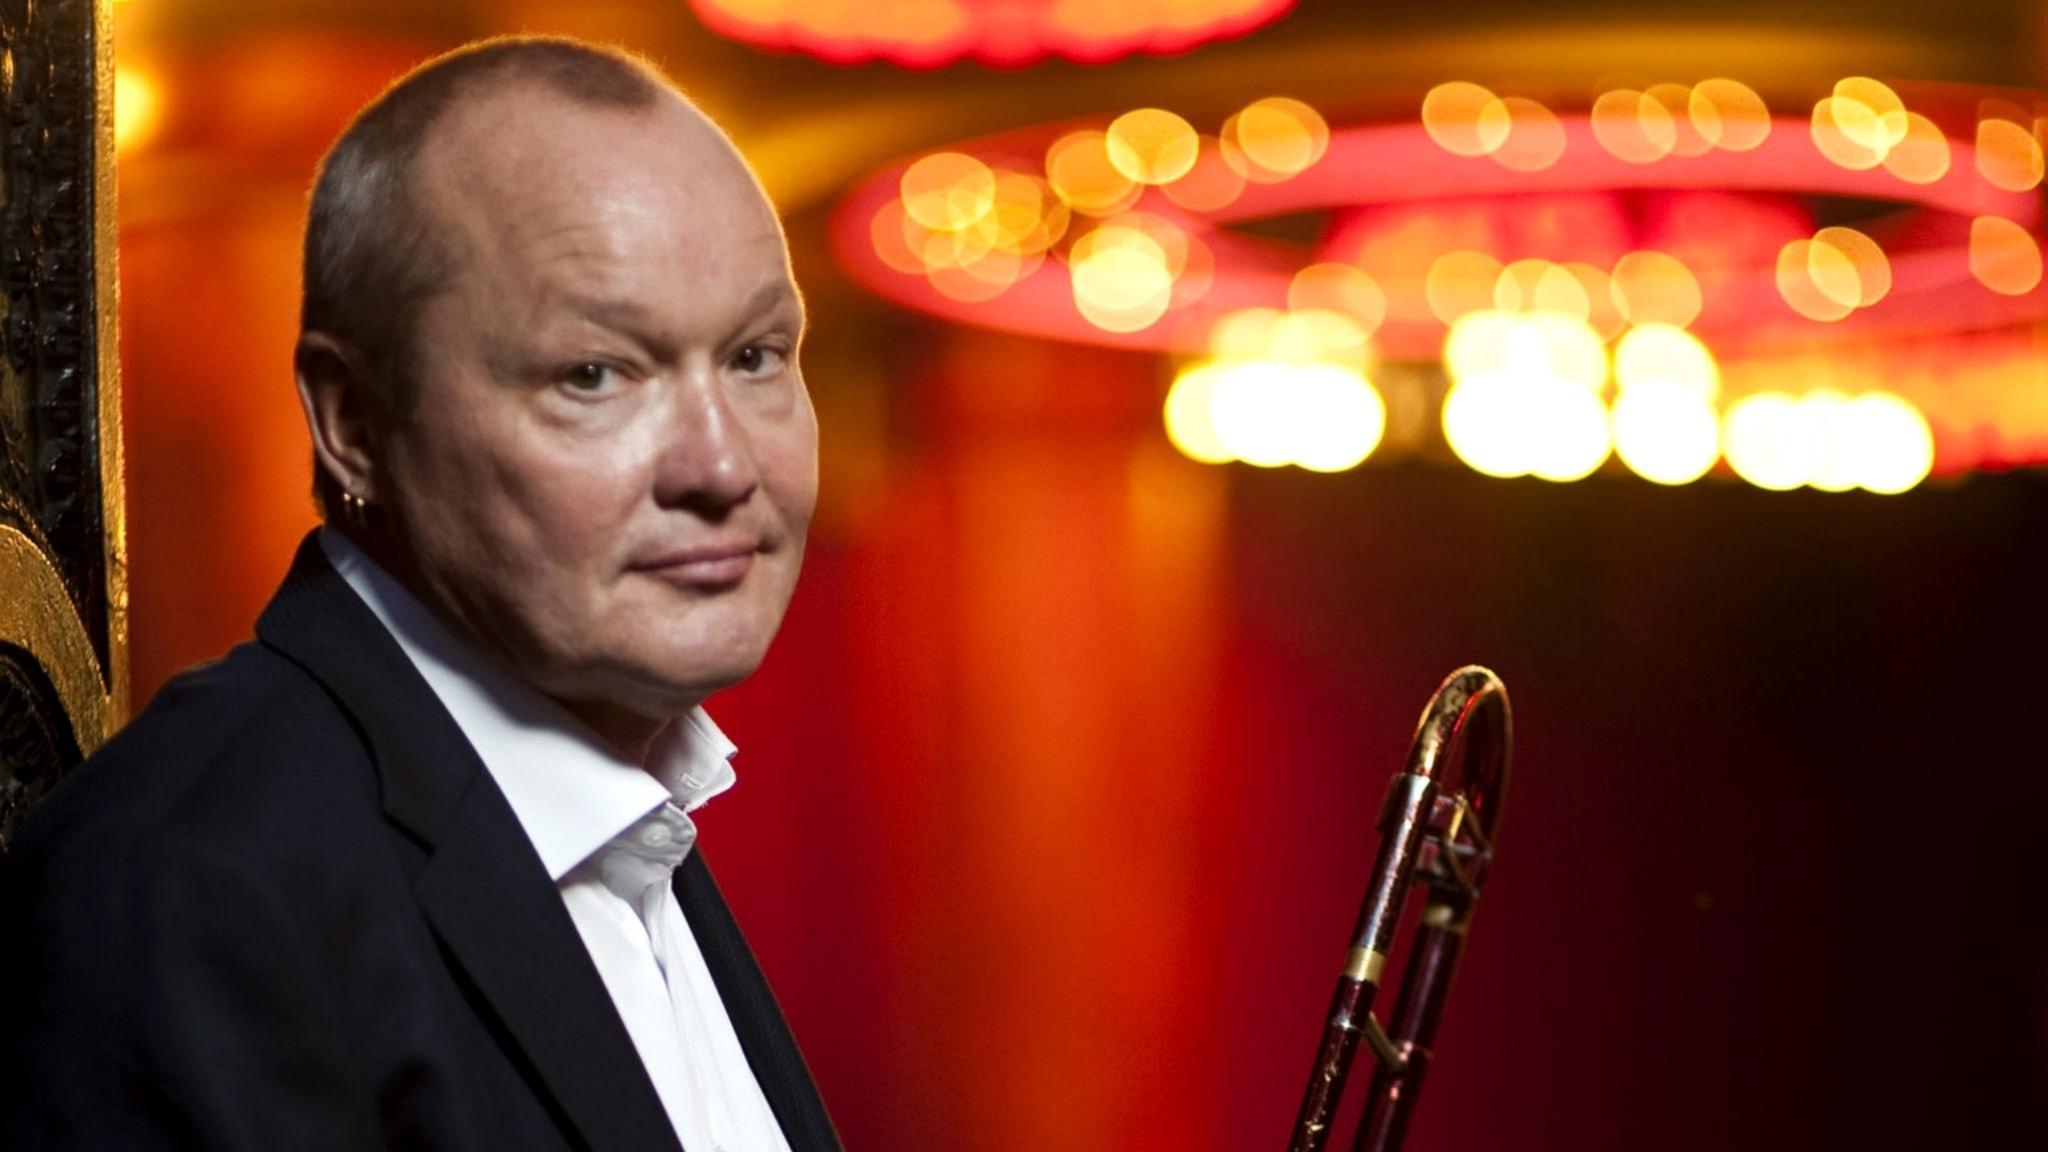 Musik för evigheten med Nils Landgren